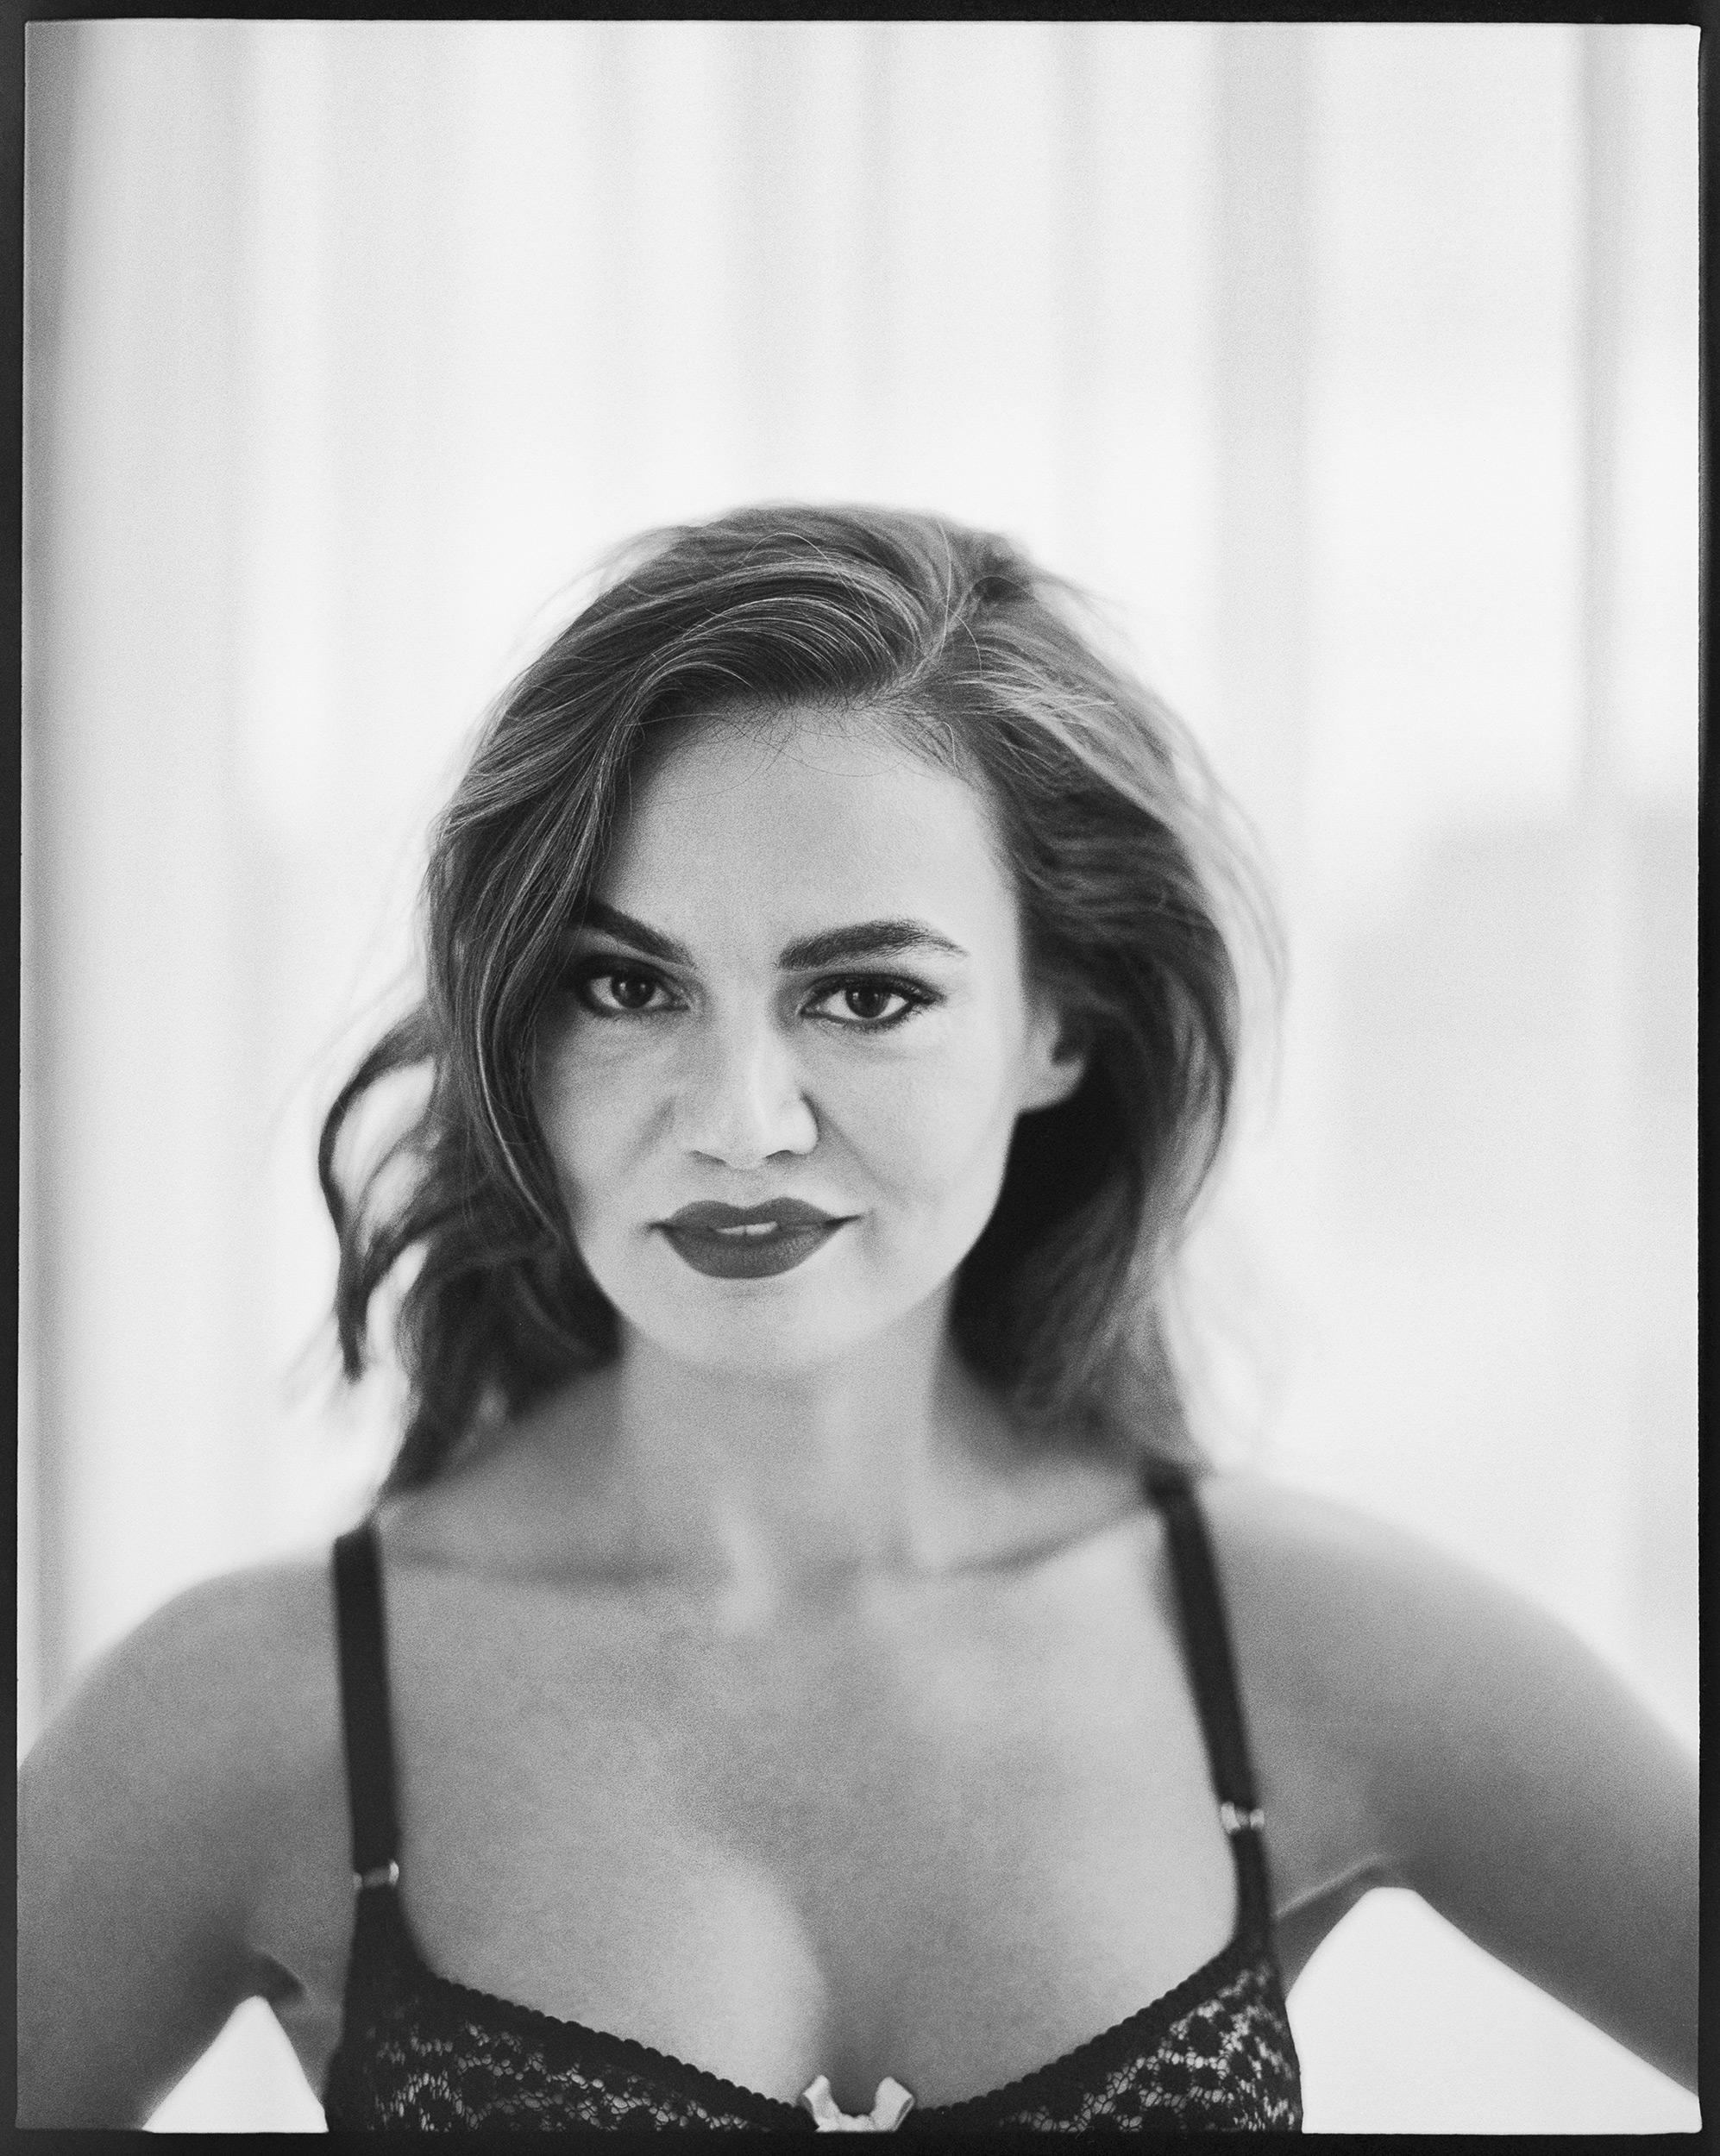 Beauty_Portrait_Photographer_Julien_Balmer.jpg